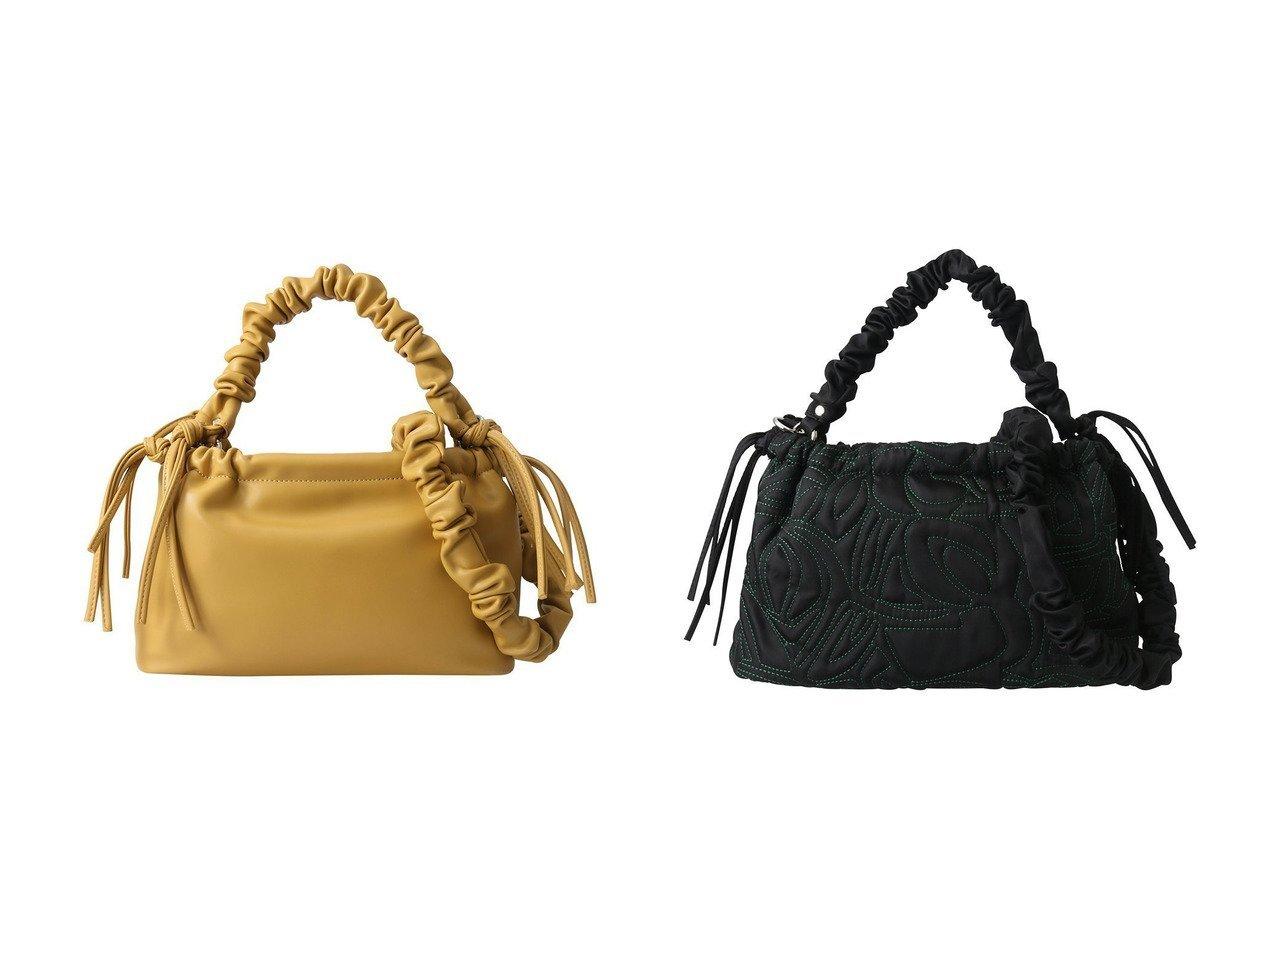 【HVISK/ヴィスク】のARCADIA SOFT ハンドバッグ&ARCADIA PAPERCUT キルティング2wayハンドバッグ 【バッグ・鞄】おすすめ!人気、トレンド・レディースファッションの通販 おすすめで人気の流行・トレンド、ファッションの通販商品 インテリア・家具・メンズファッション・キッズファッション・レディースファッション・服の通販 founy(ファニー) https://founy.com/ ファッション Fashion レディースファッション WOMEN バッグ Bag ハンドバッグ  ID:crp329100000070716